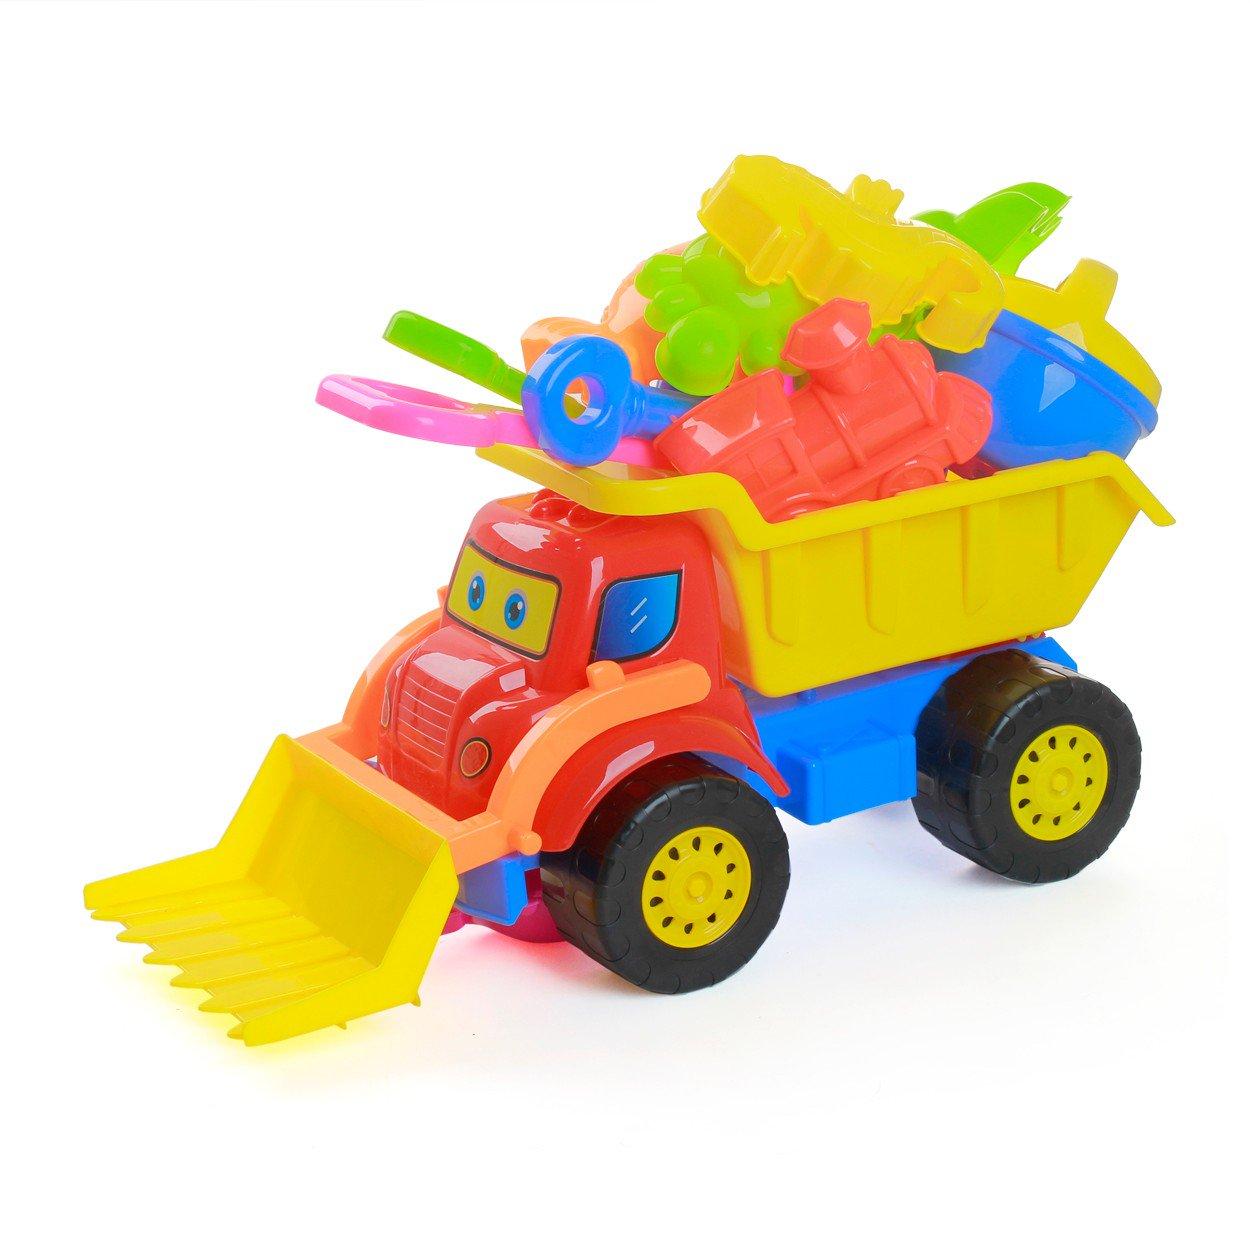 Bộ đồ chơi xe xúc cát trẻ em